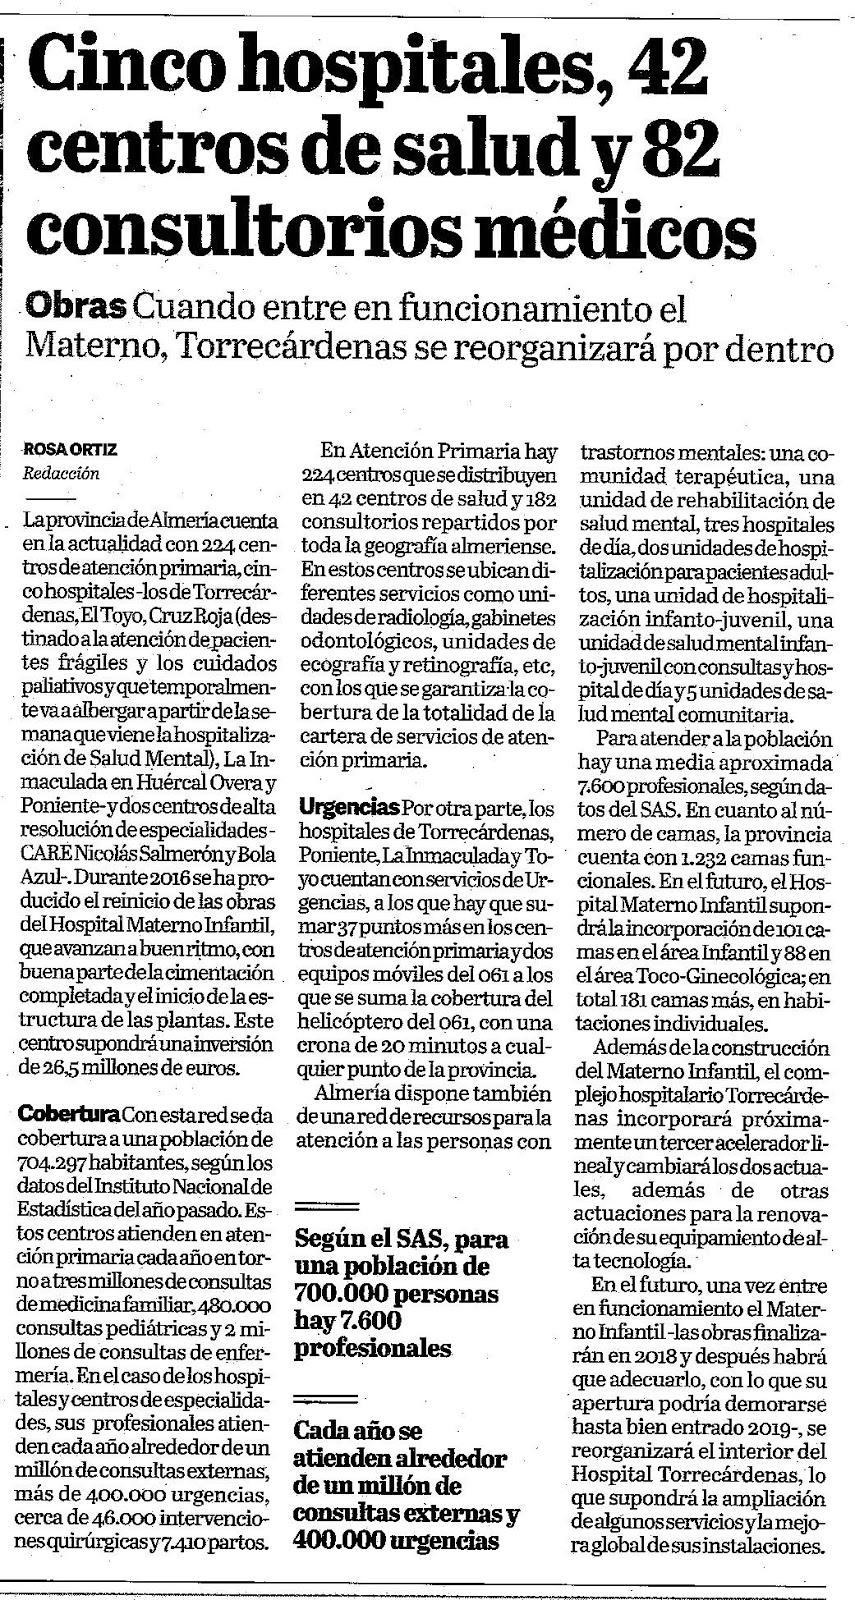 Colegio oficial de m dicos de almer a for Centro de salud ciudad jardin almeria